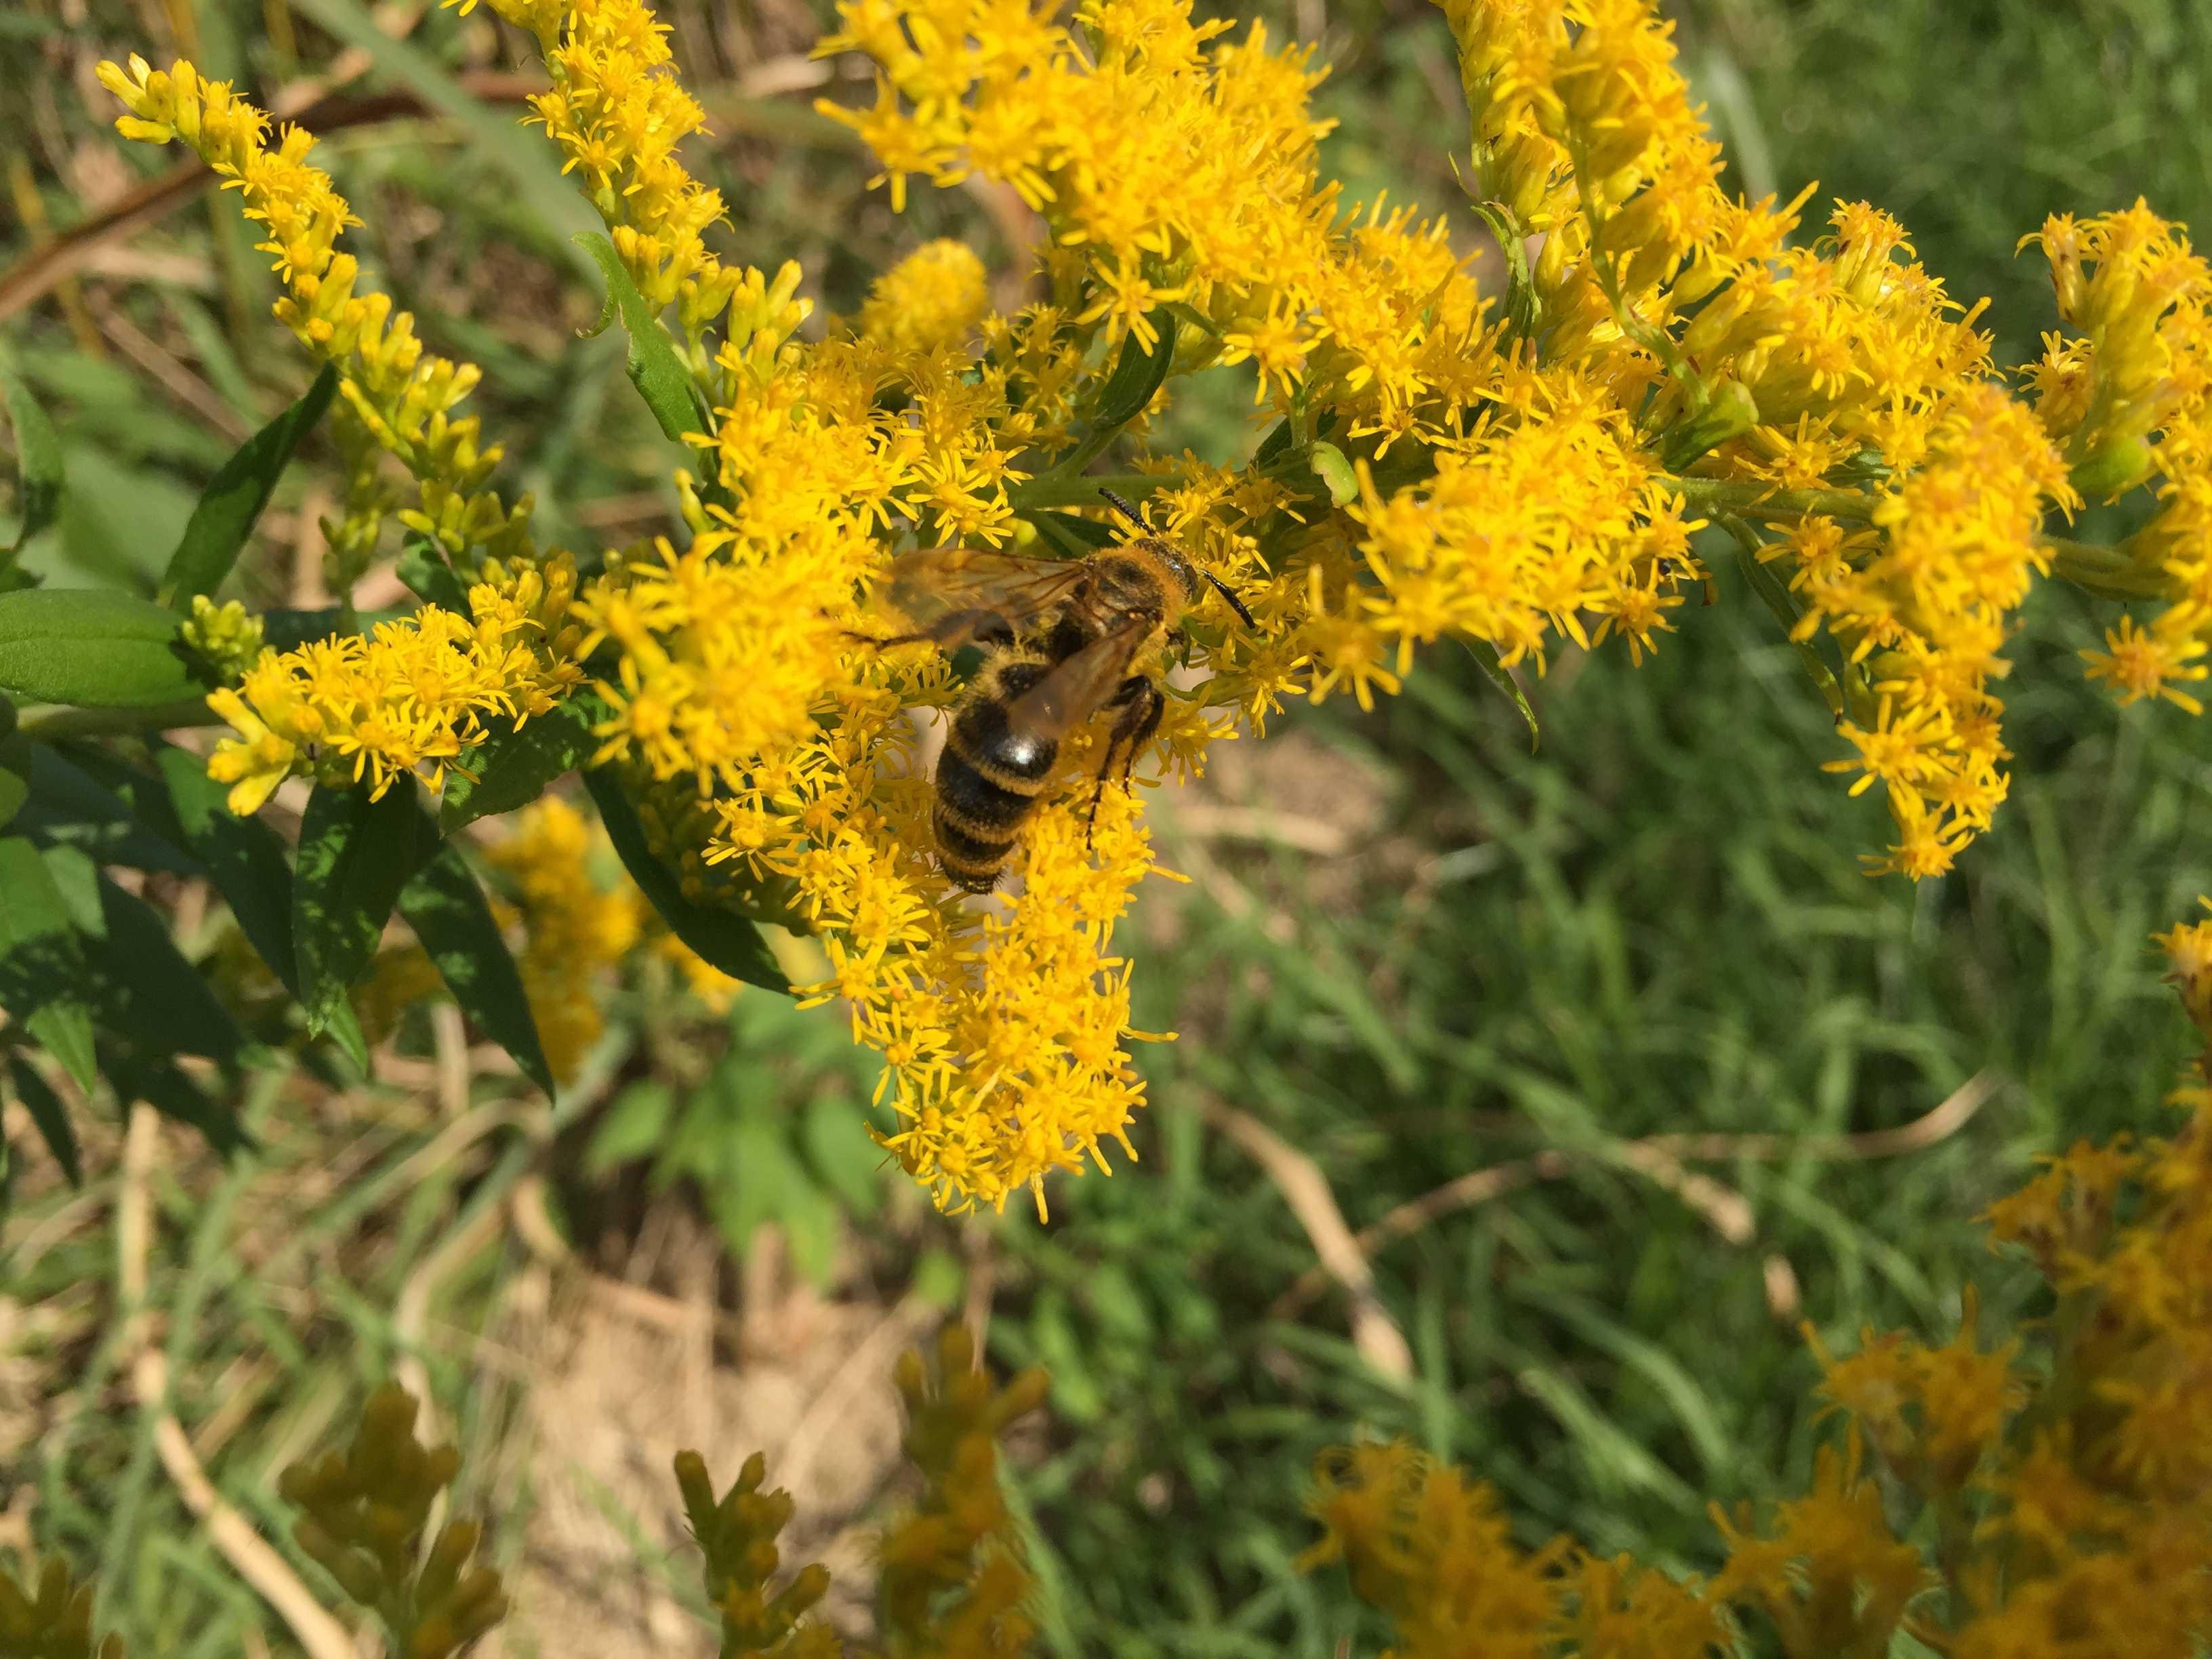 セイタカアワダチソウ(背嵩泡立草 / 代萩 / セイタカアキノキリンソウ )とミツバチ(蜜蜂)